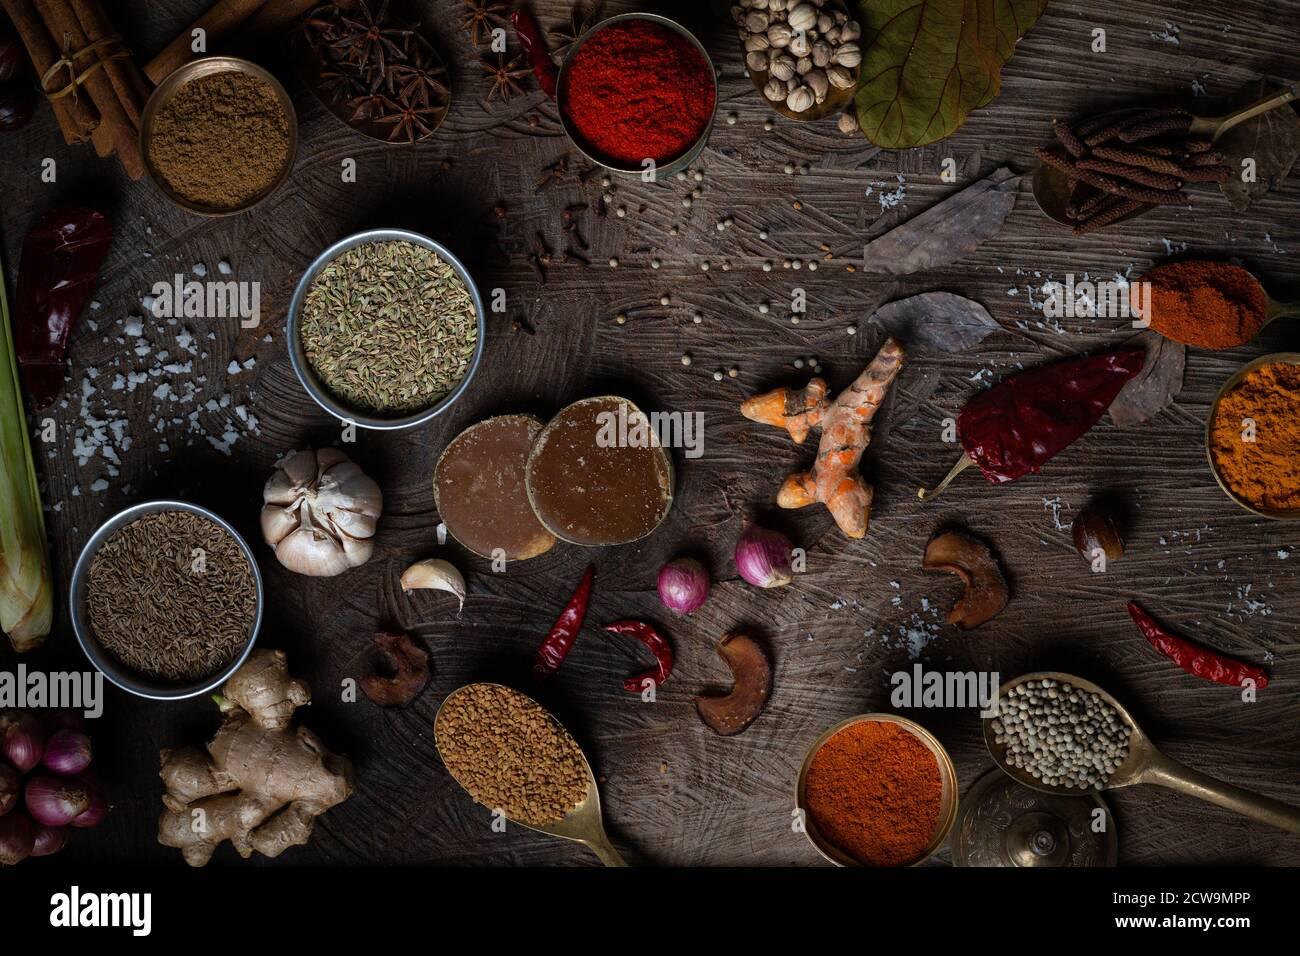 Condimento de comida india Especias adornan el fondo sobre la vista superior de la mesa de madera. Condimentos de la cocina asiática de hierbas orgánicas sabor en tabla de cocina, Chile. Foto de stock